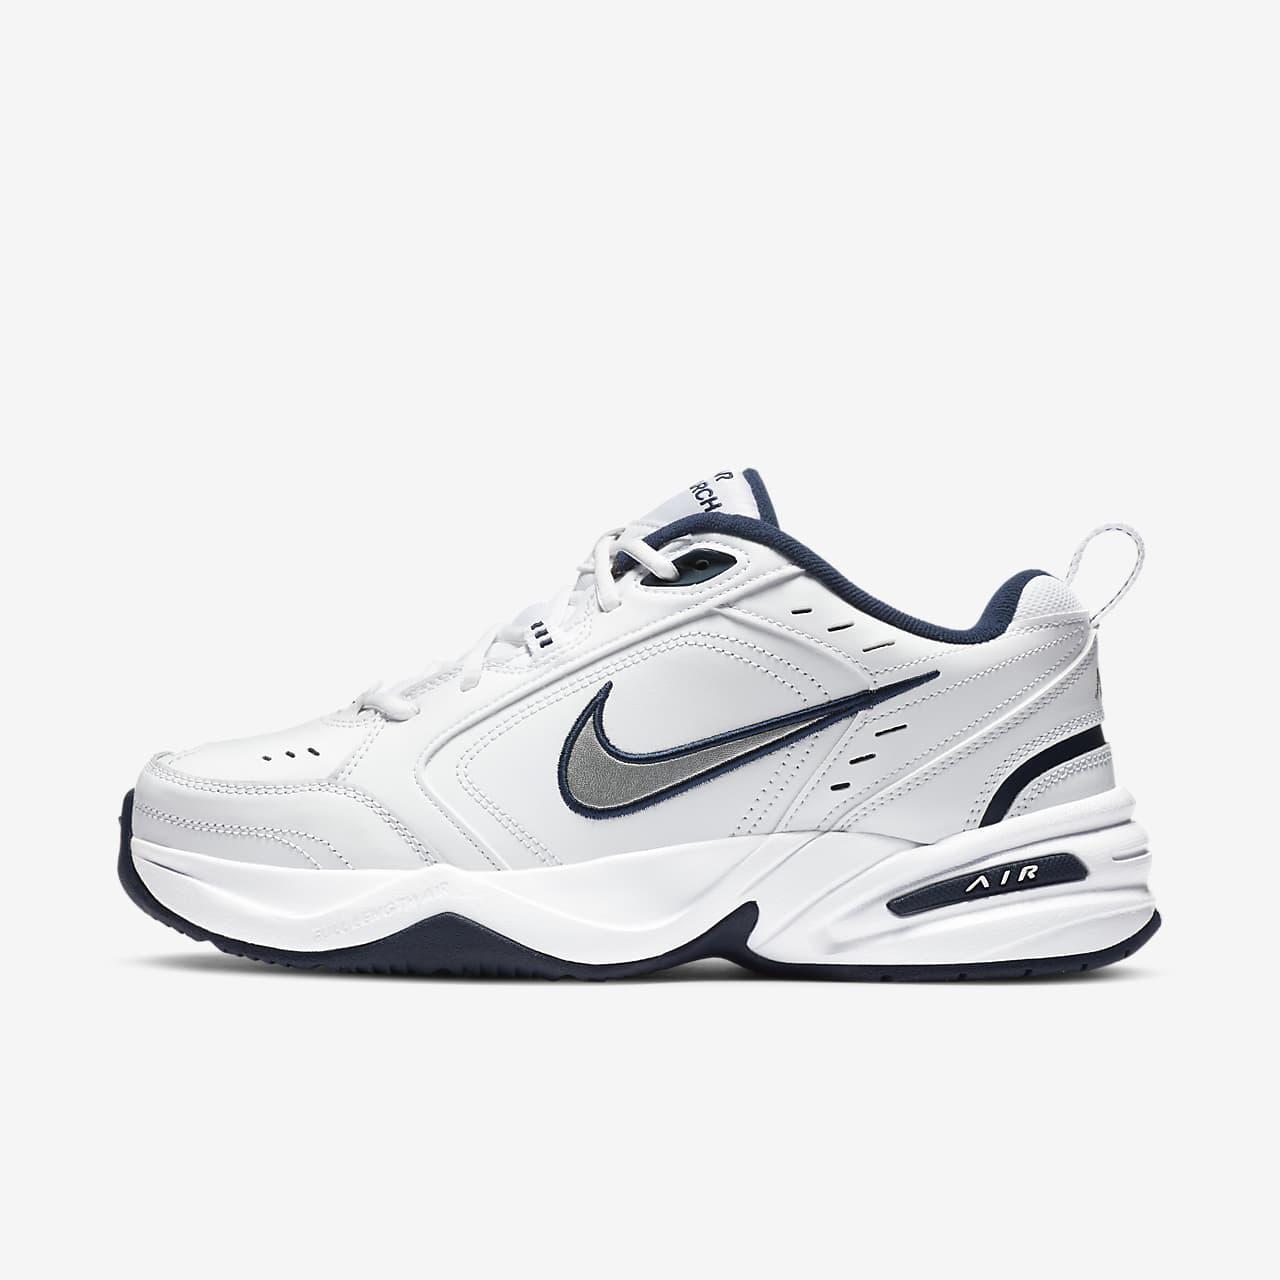 official photos 6515d a35cd ... Metcon 4 Kvinder uddannelse Shoe (hvidlime) d1416ef8 Kong 5406a80  konstantin grækenland f6fc6981 Nike 70def95 Air Monarch IV-livsstils-træningssko  ...